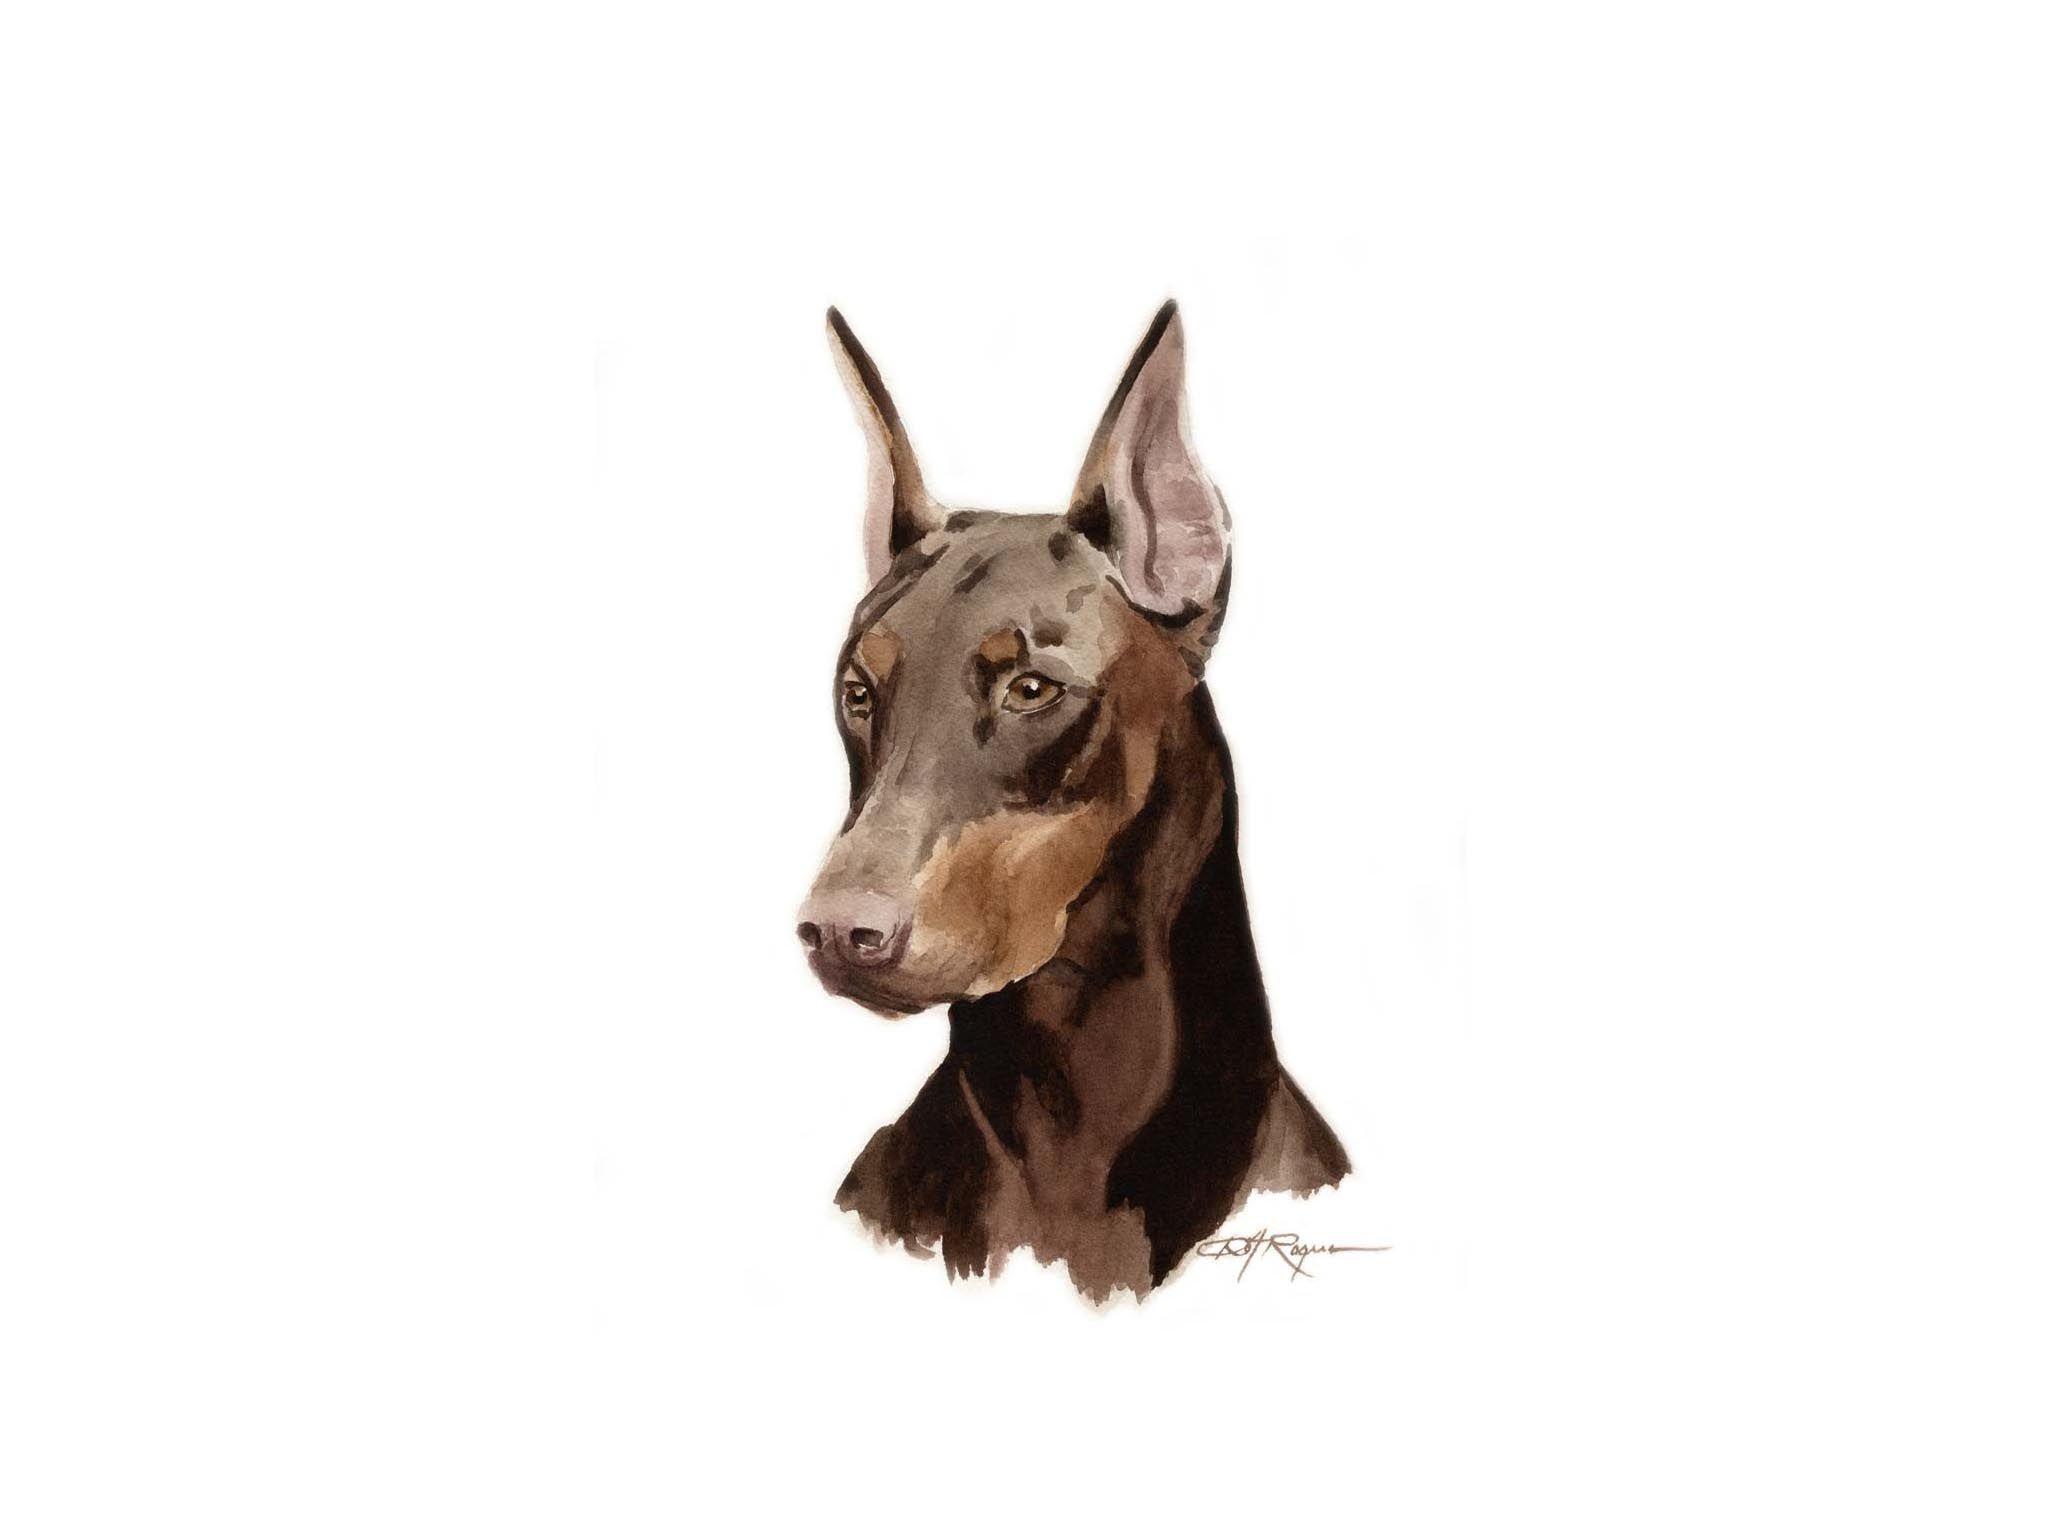 Doberman Pinscher Wallpapers Hd Download Doberman Doberman Pinscher Pinscher Doberman dog hd wallpaper